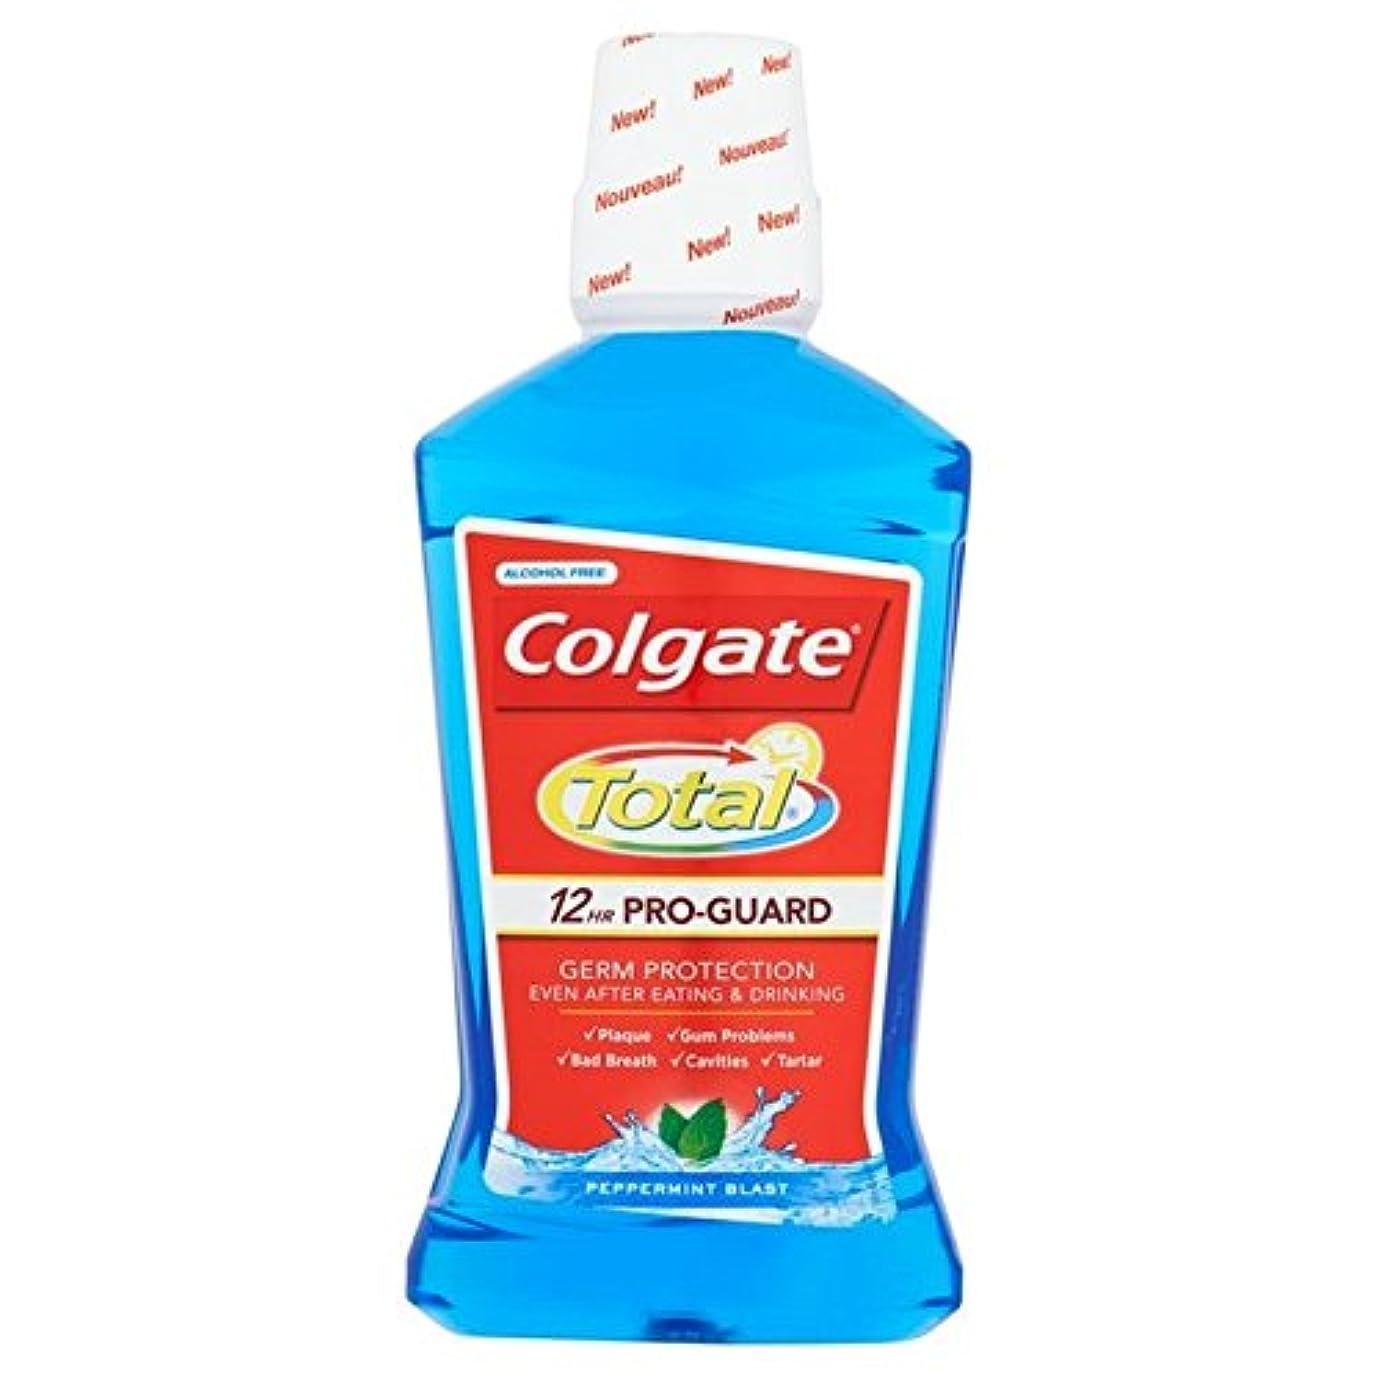 賢明な下サミットColgate Total Advanced Blue Mouthwash 500ml - コルゲートトータル高度なブルーマウスウォッシュ500ミリリットル [並行輸入品]